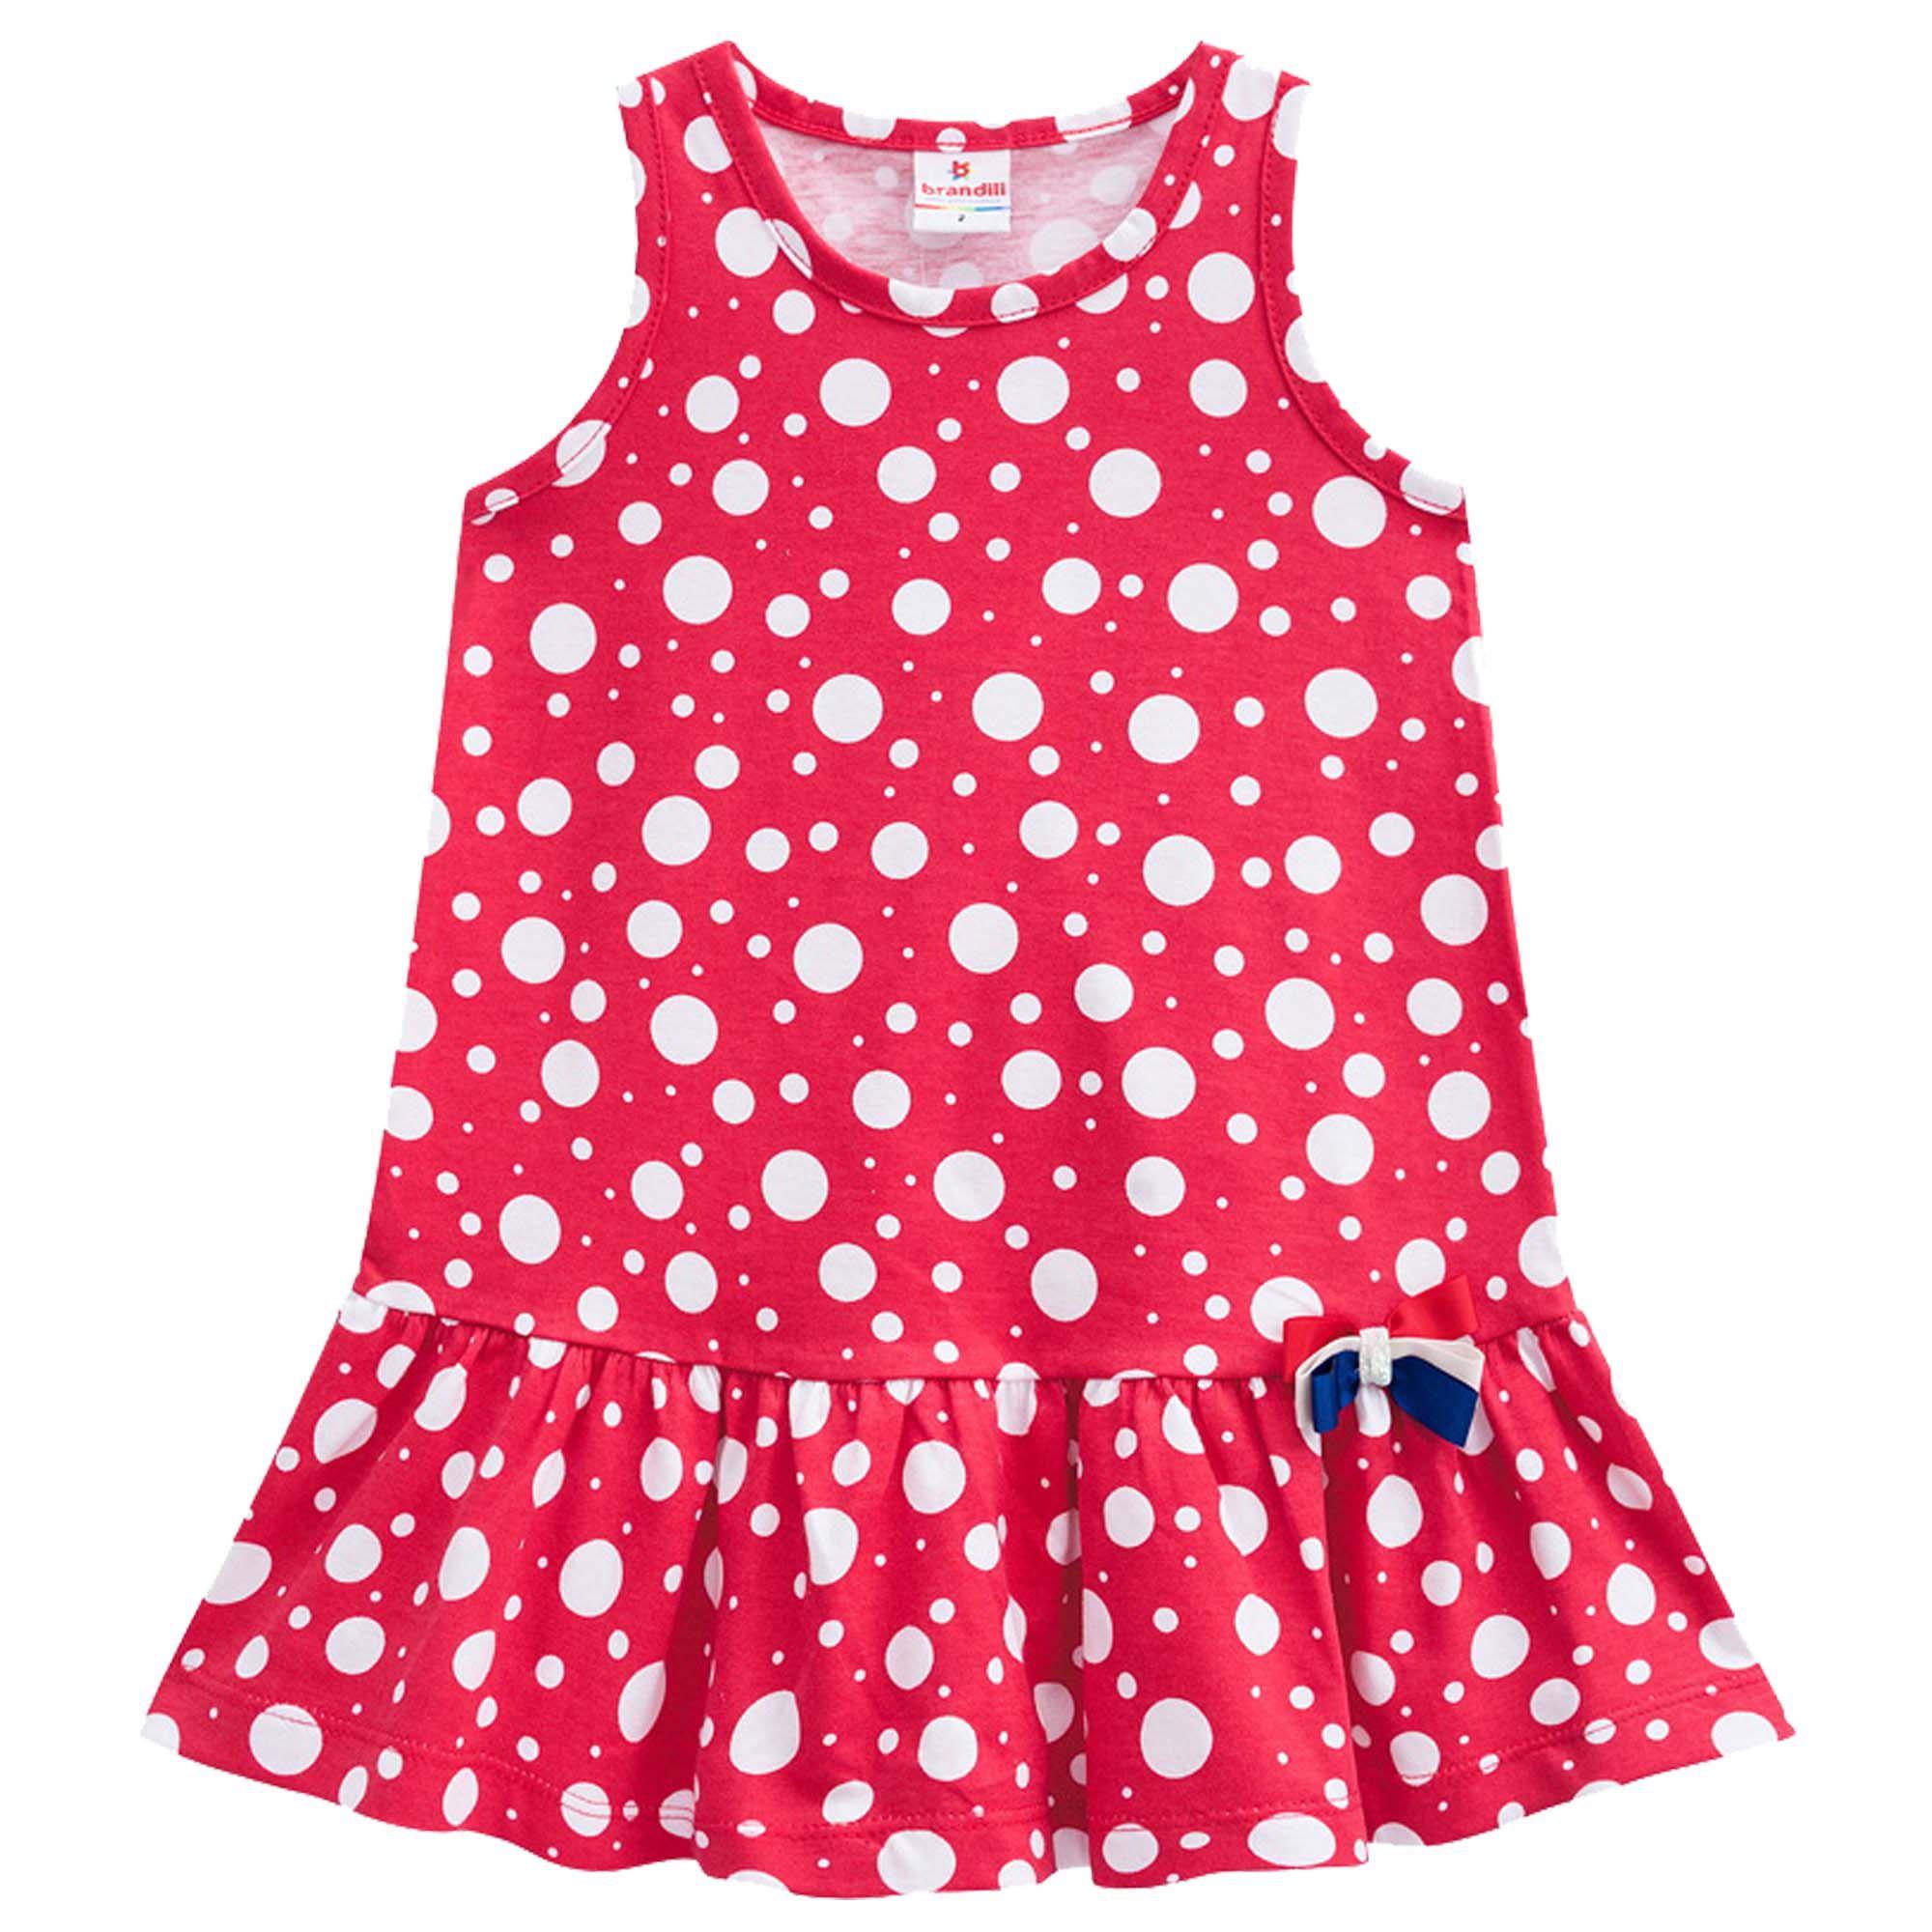 Vestido Verão Brandili Poás - 1 ao 3